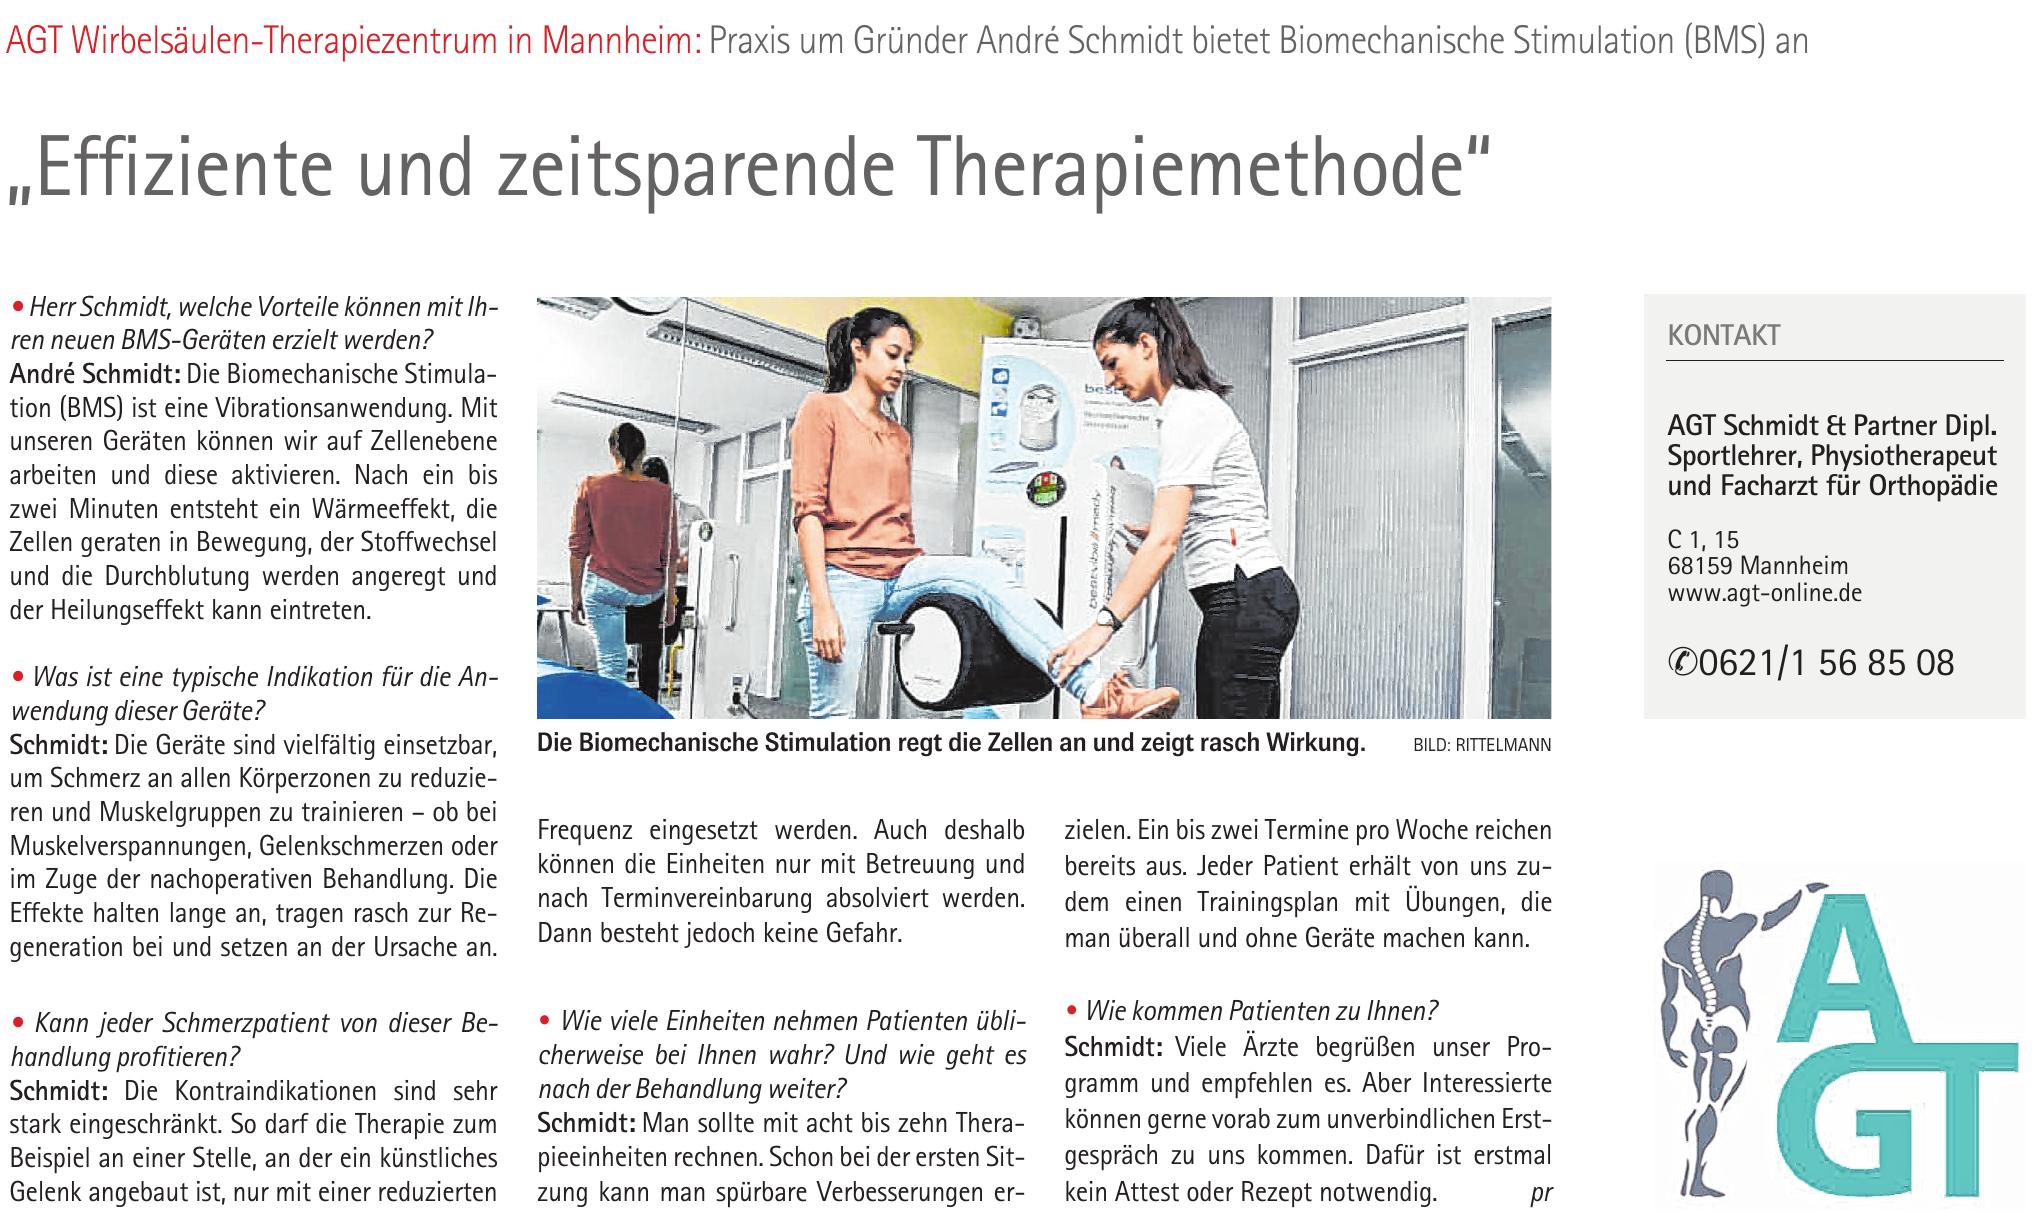 AGT Schmidt & Partner Dipl. Sportlehrer, Physiotherapeut und Facharzt für Orthopädie